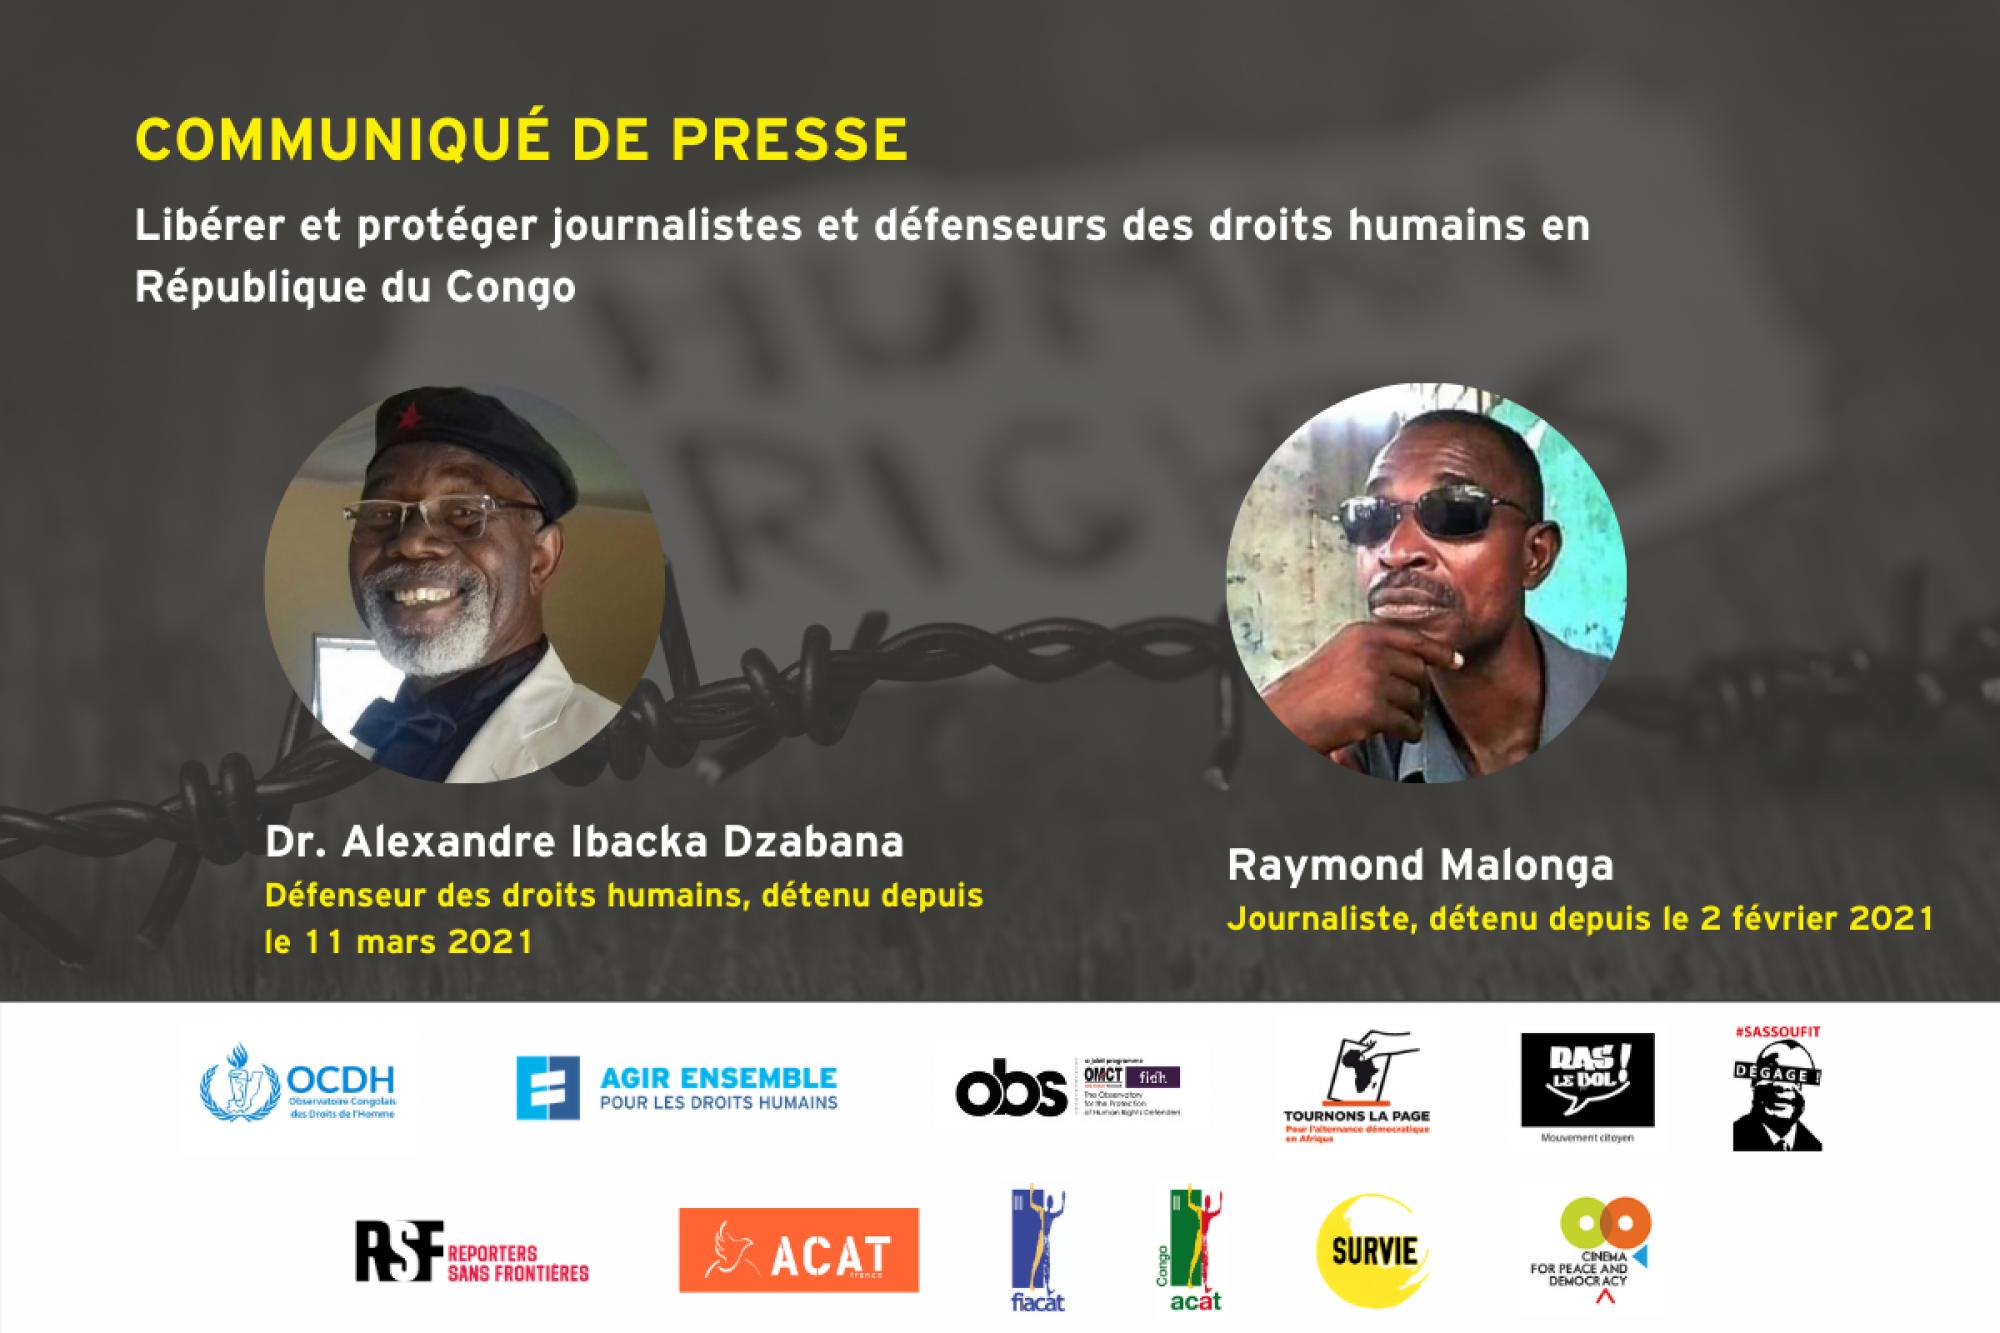 Communiqué de presse – Libérer et protéger journalistes et défenseurs des droits humains en République du Congo